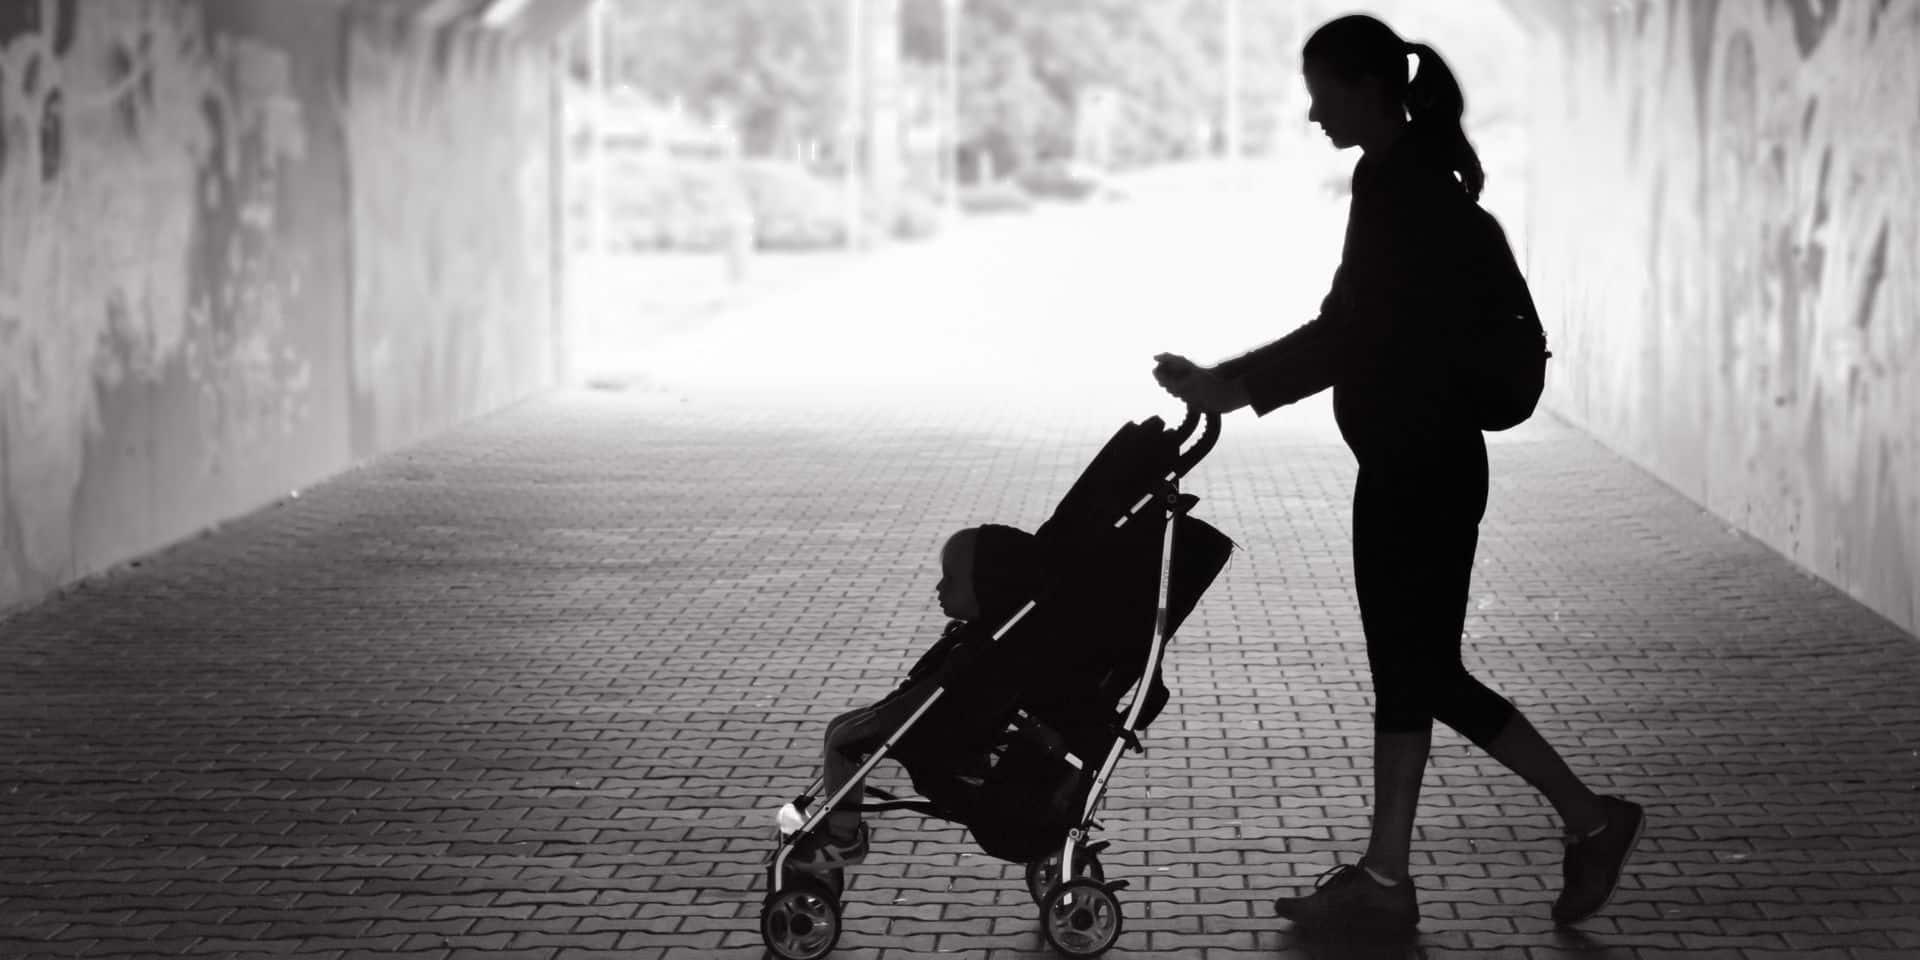 La pauvreté a augmenté dans 275 des 300 communes flamandes ces 12 dernières années